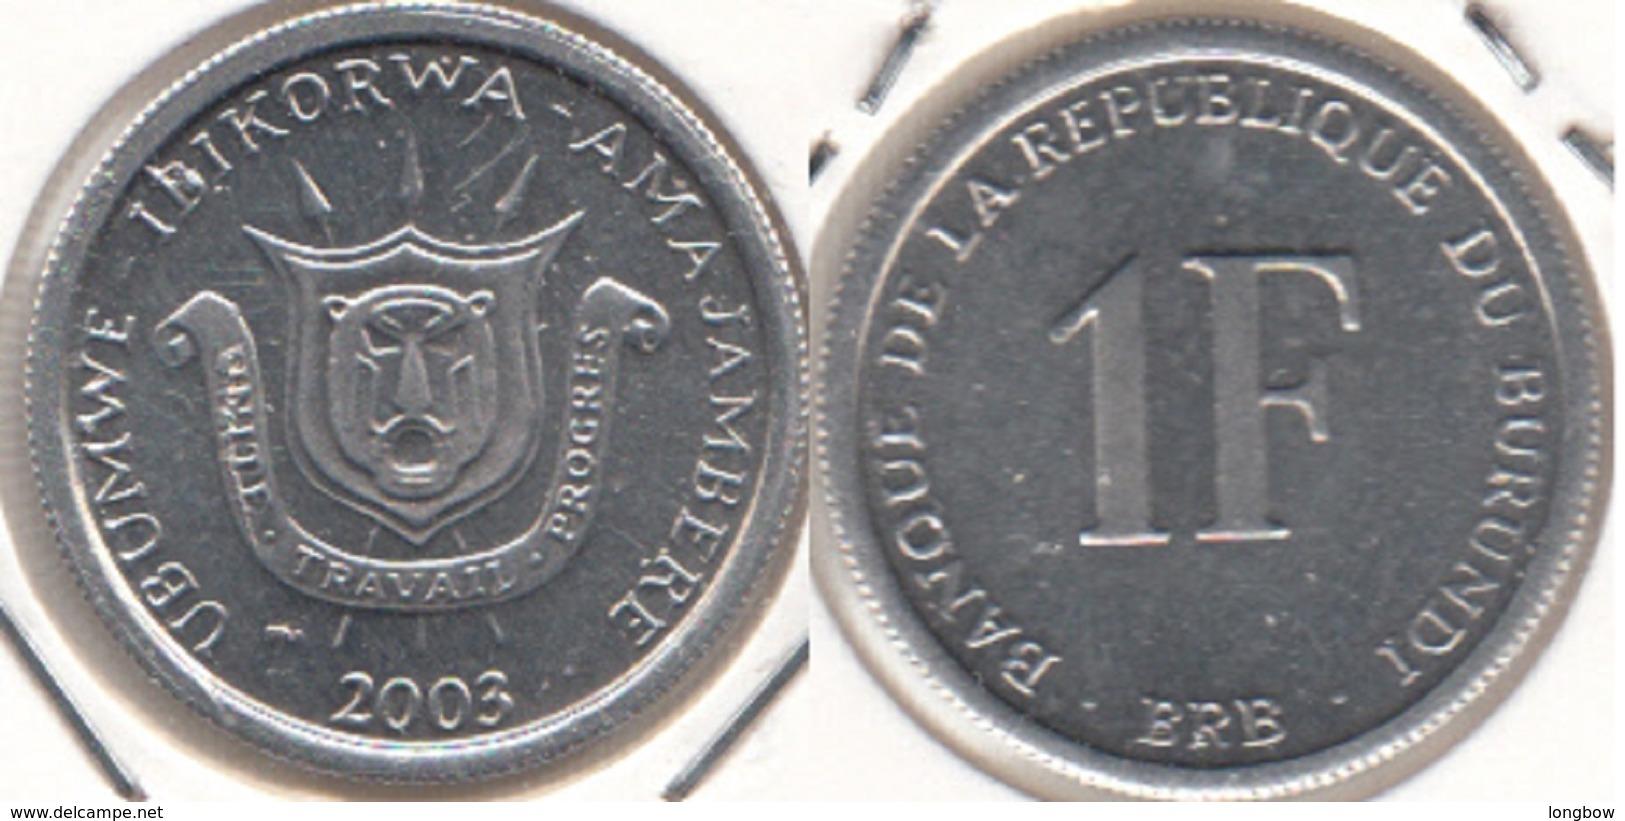 Burundi 1 Franc 2003 KM#19 - Used - Burundi